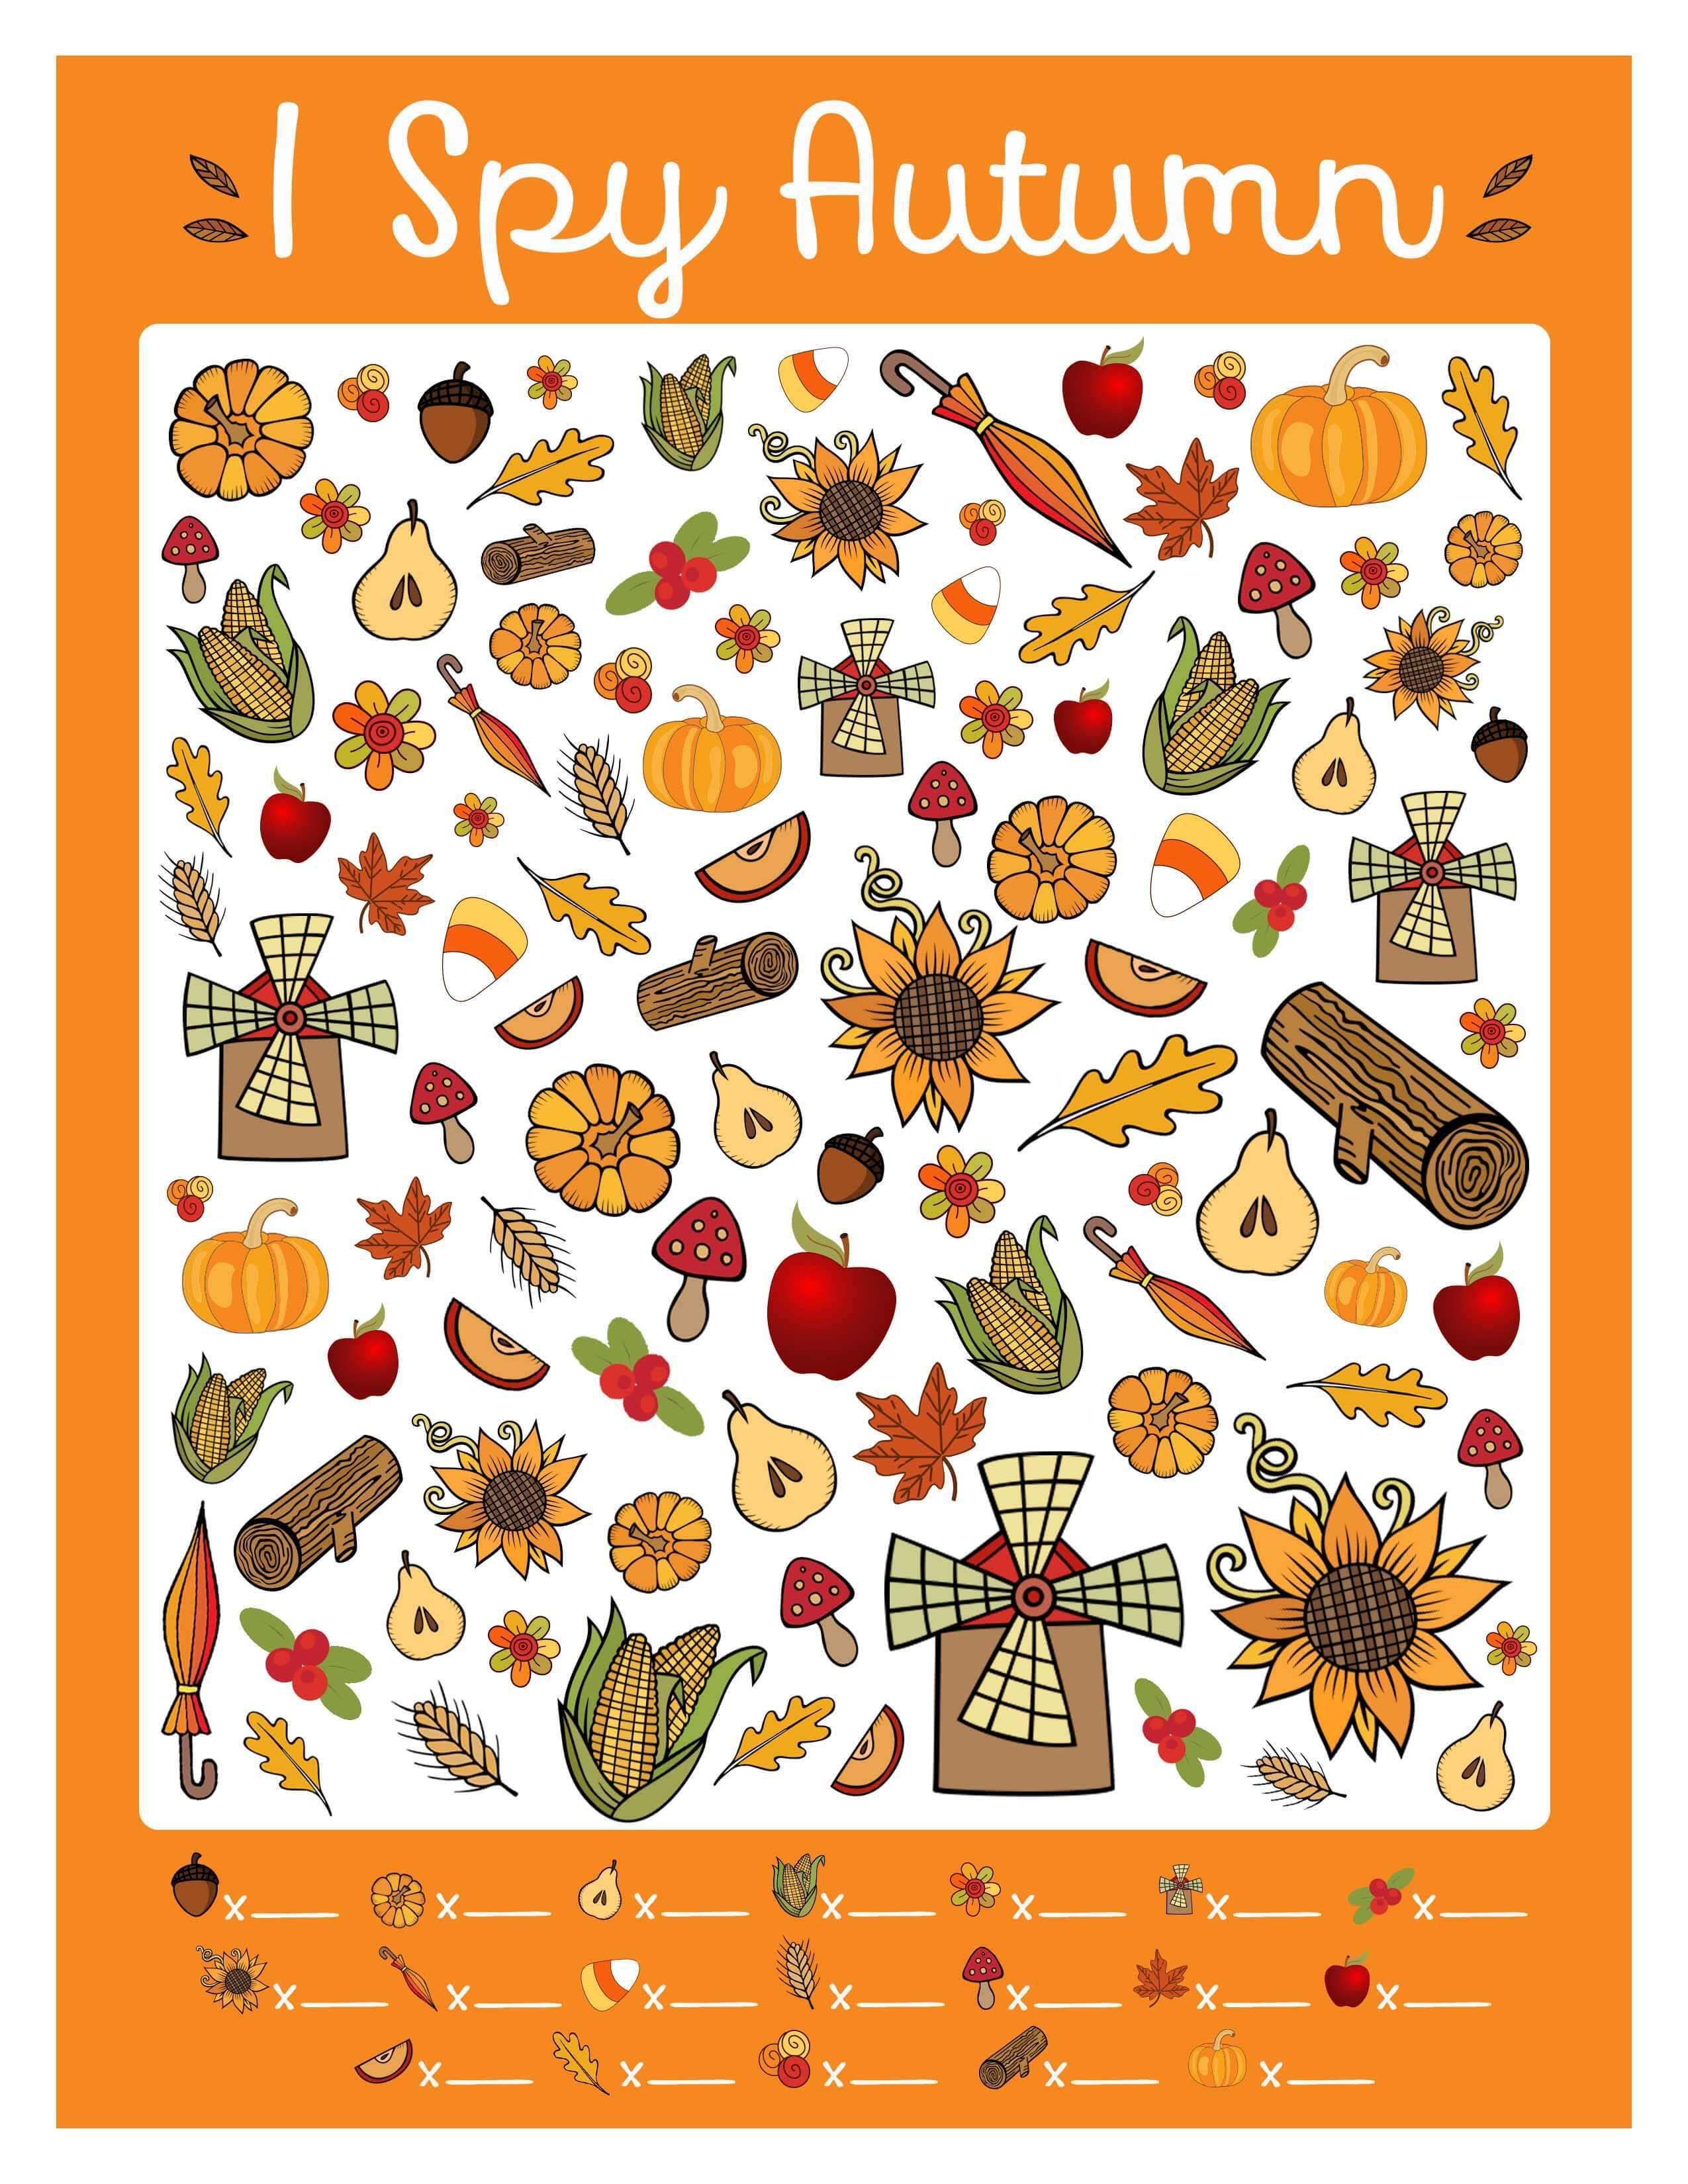 Free I Spy Autumn Printable Game